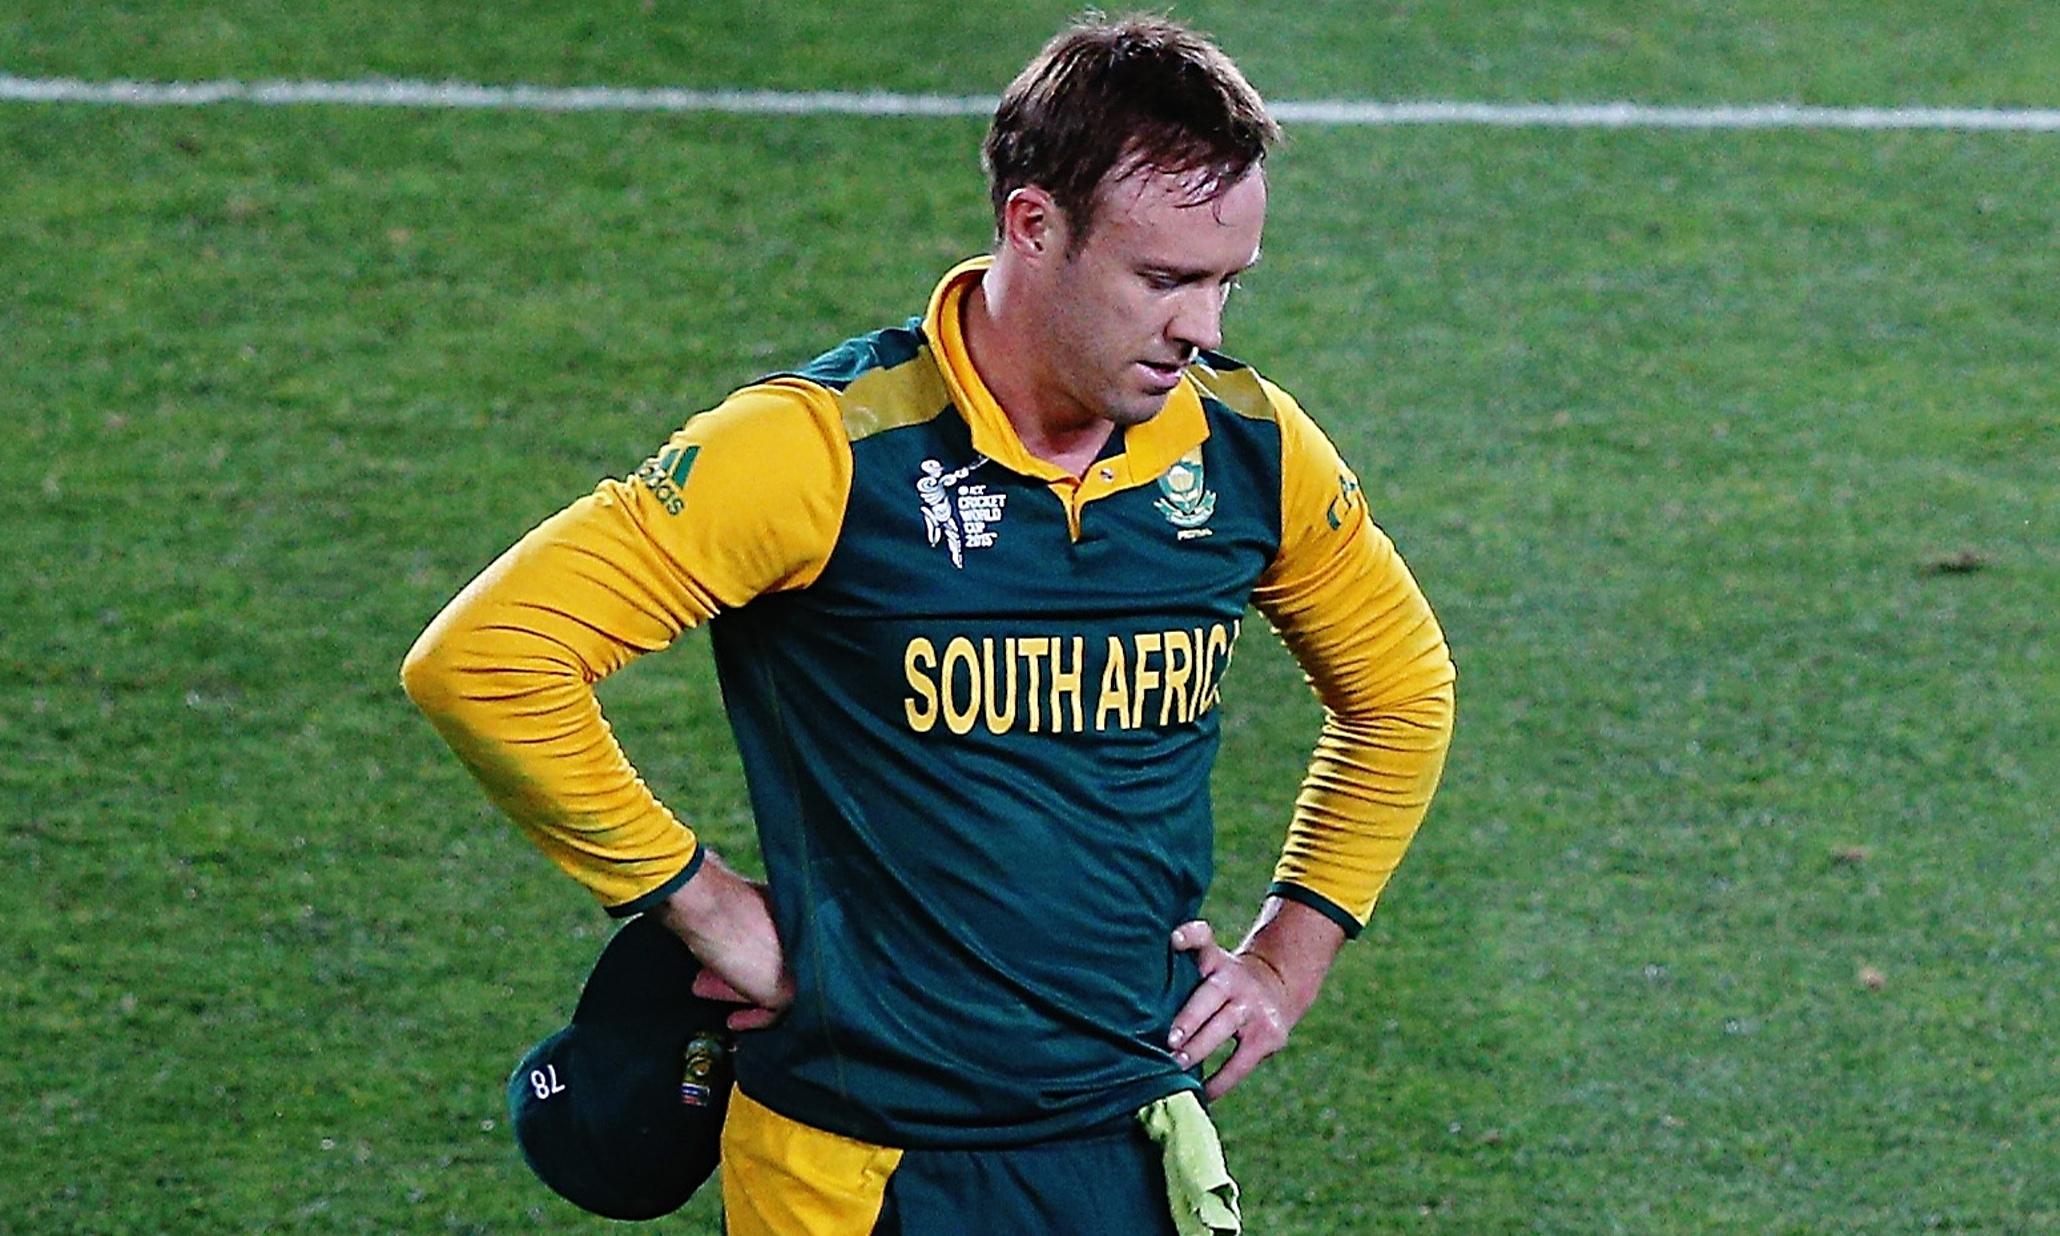 एक बार फिर चोटिल हुए दक्षिण अफ्रीका के दिग्गज खिलाड़ी एबी डिविलियर्स